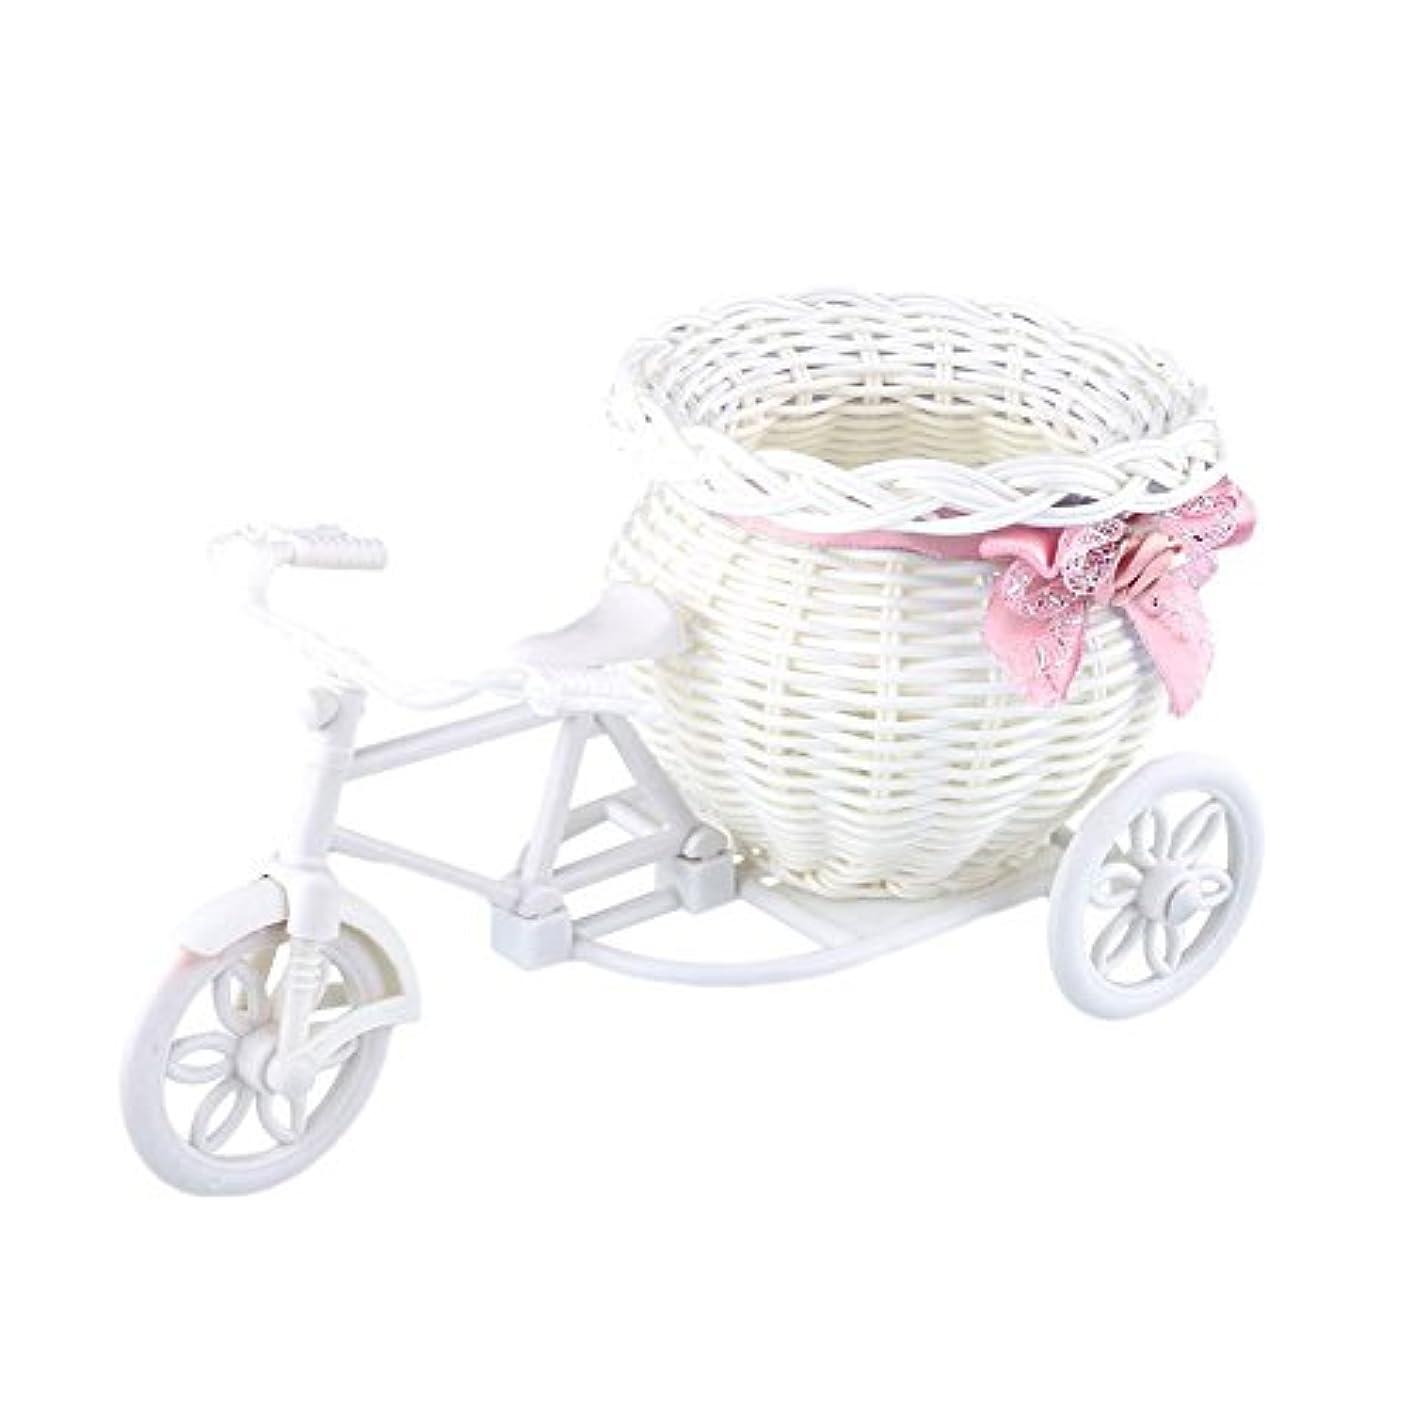 鹿世界きしむTOPmountain Kicode 自転車のデザイン 収納 コンテナ フラワー バスケット